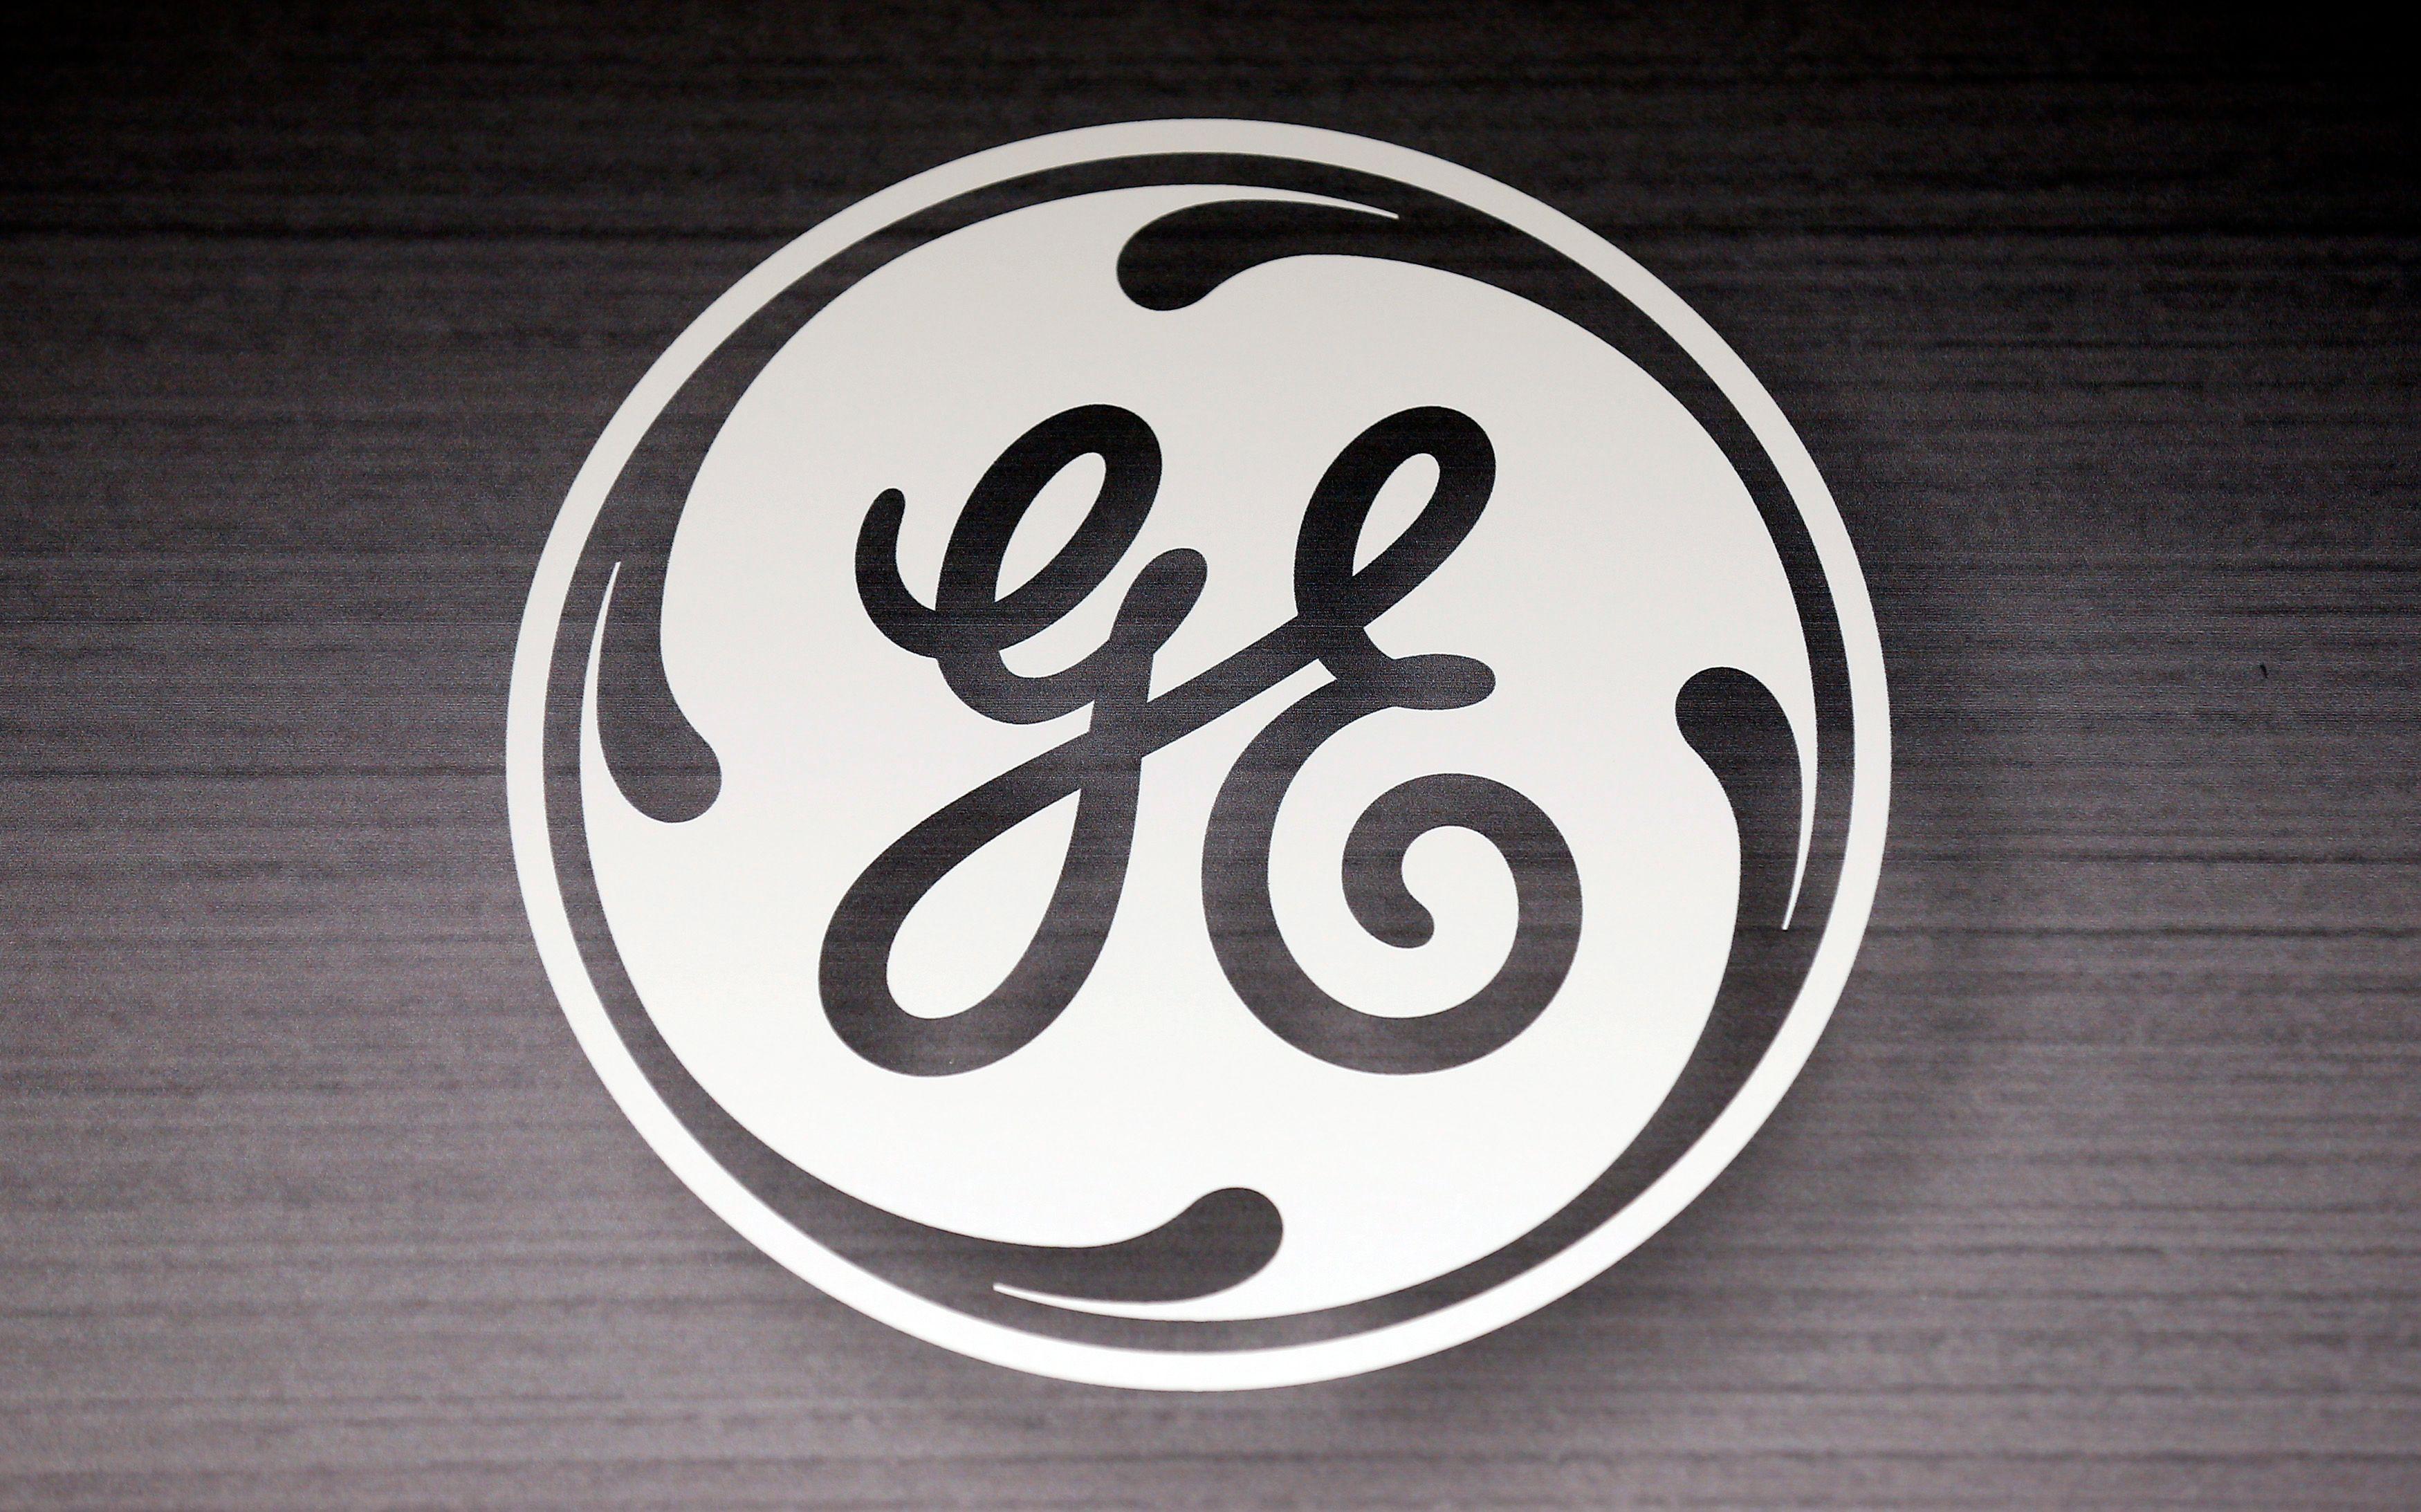 General Electric va supprimer 6 500 postes en Europe dont 765 en France